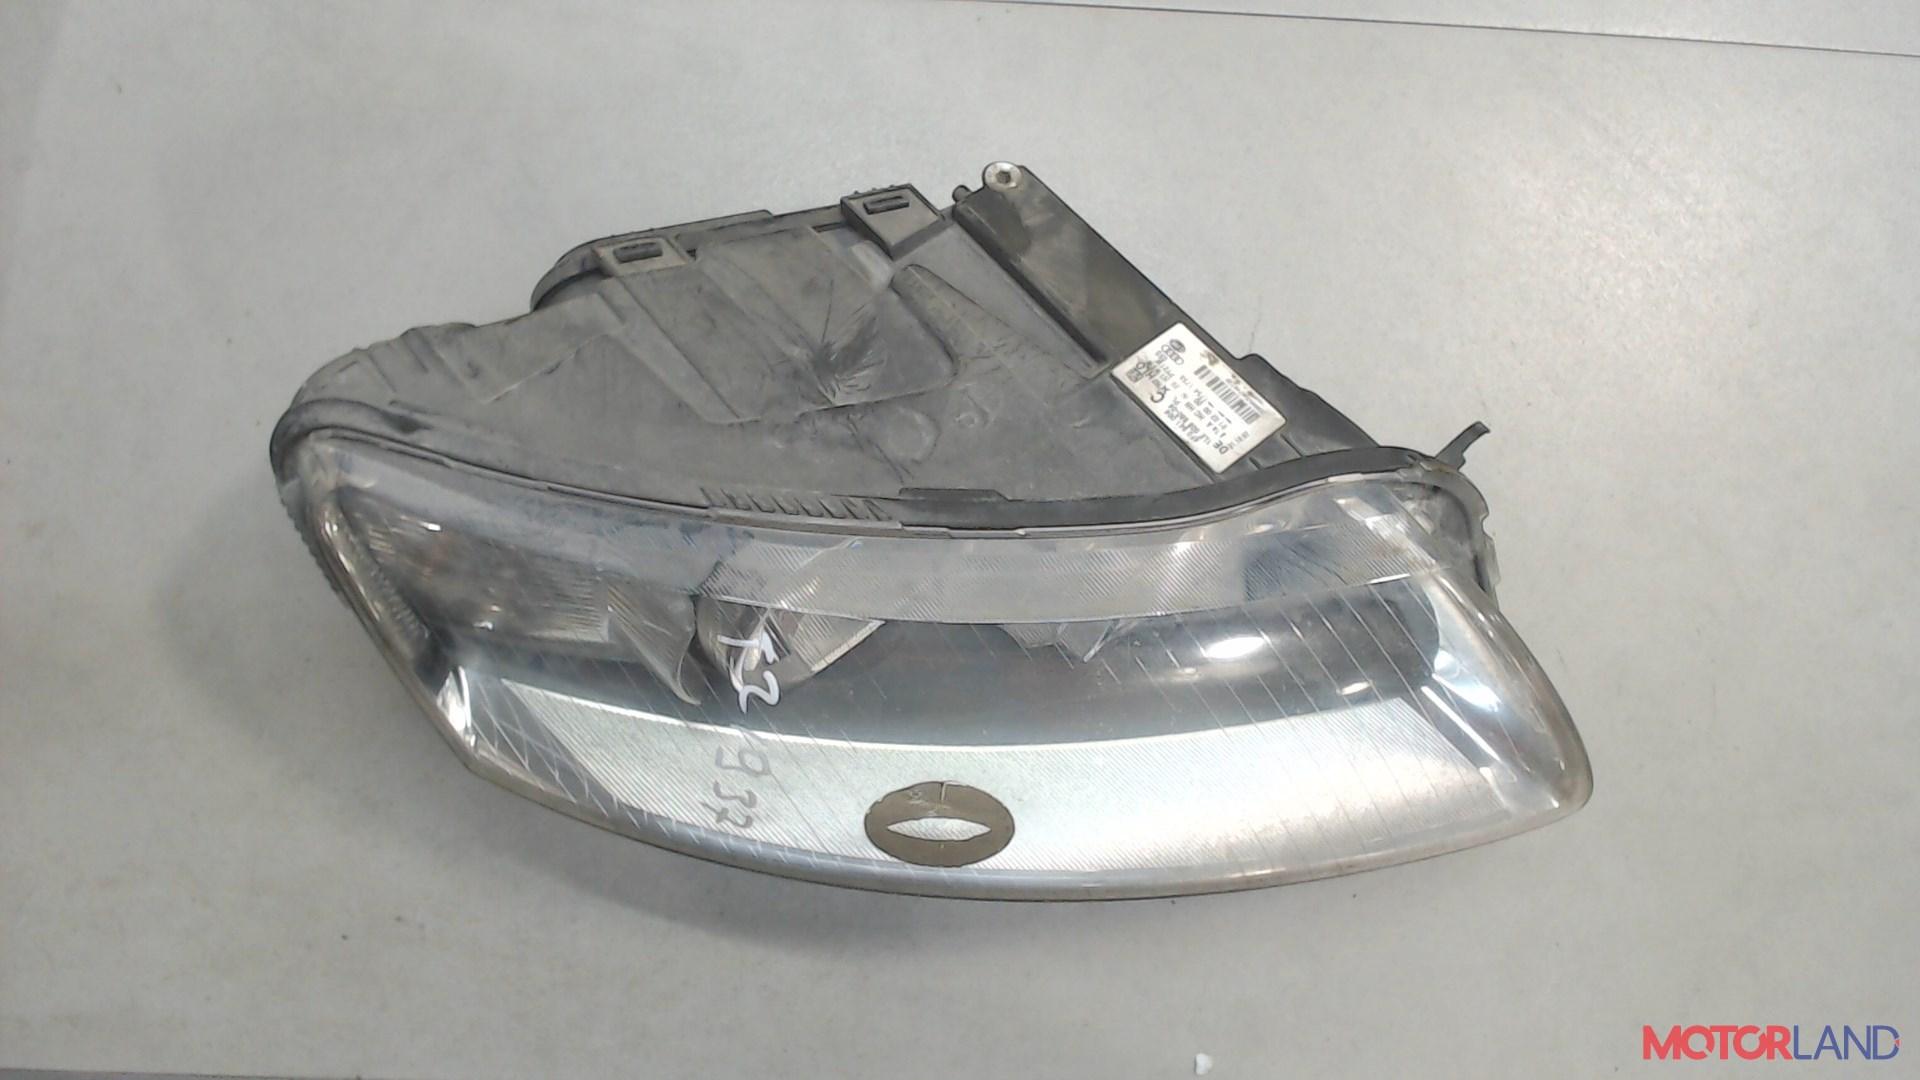 Фара (передняя) Audi A6 (C6) 2005-2011 2.7 л. 2007 BPP б/у #2